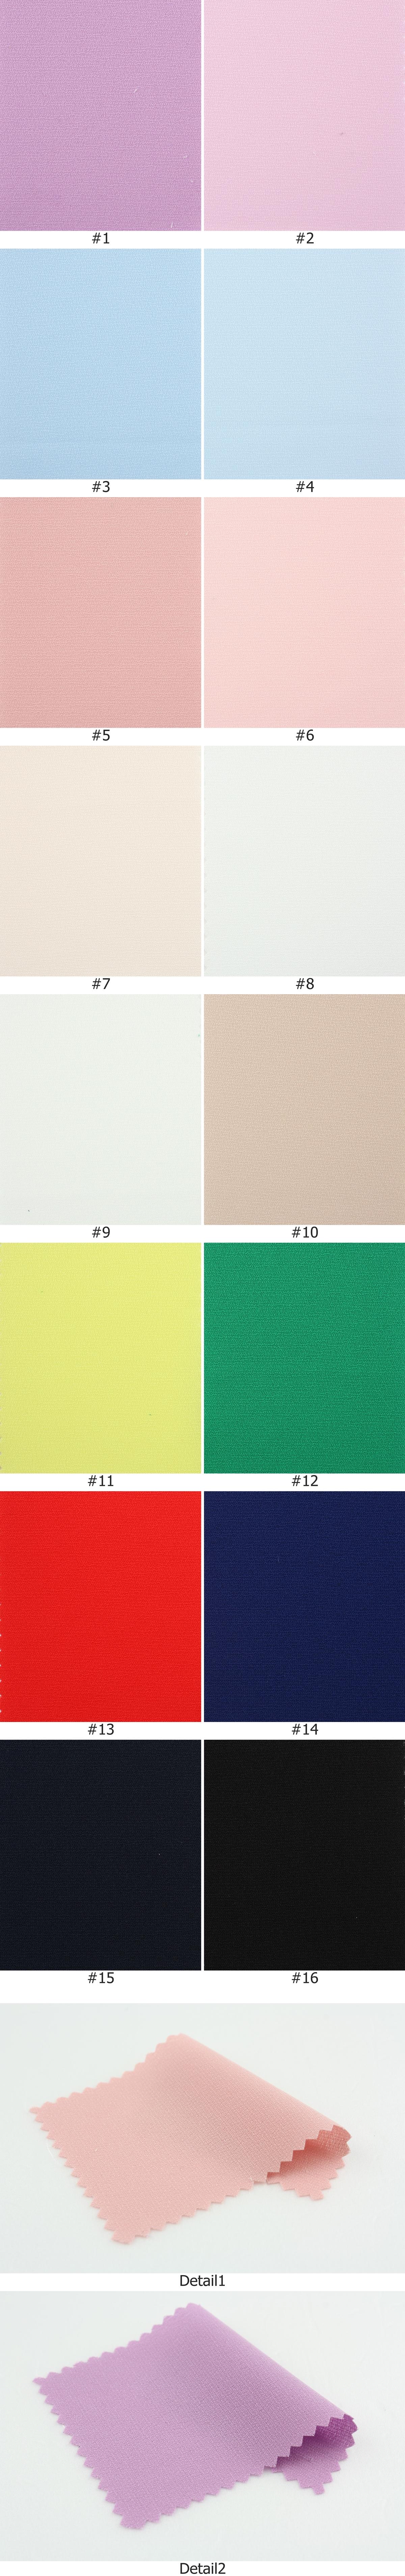 #1-tile-vert.jpg